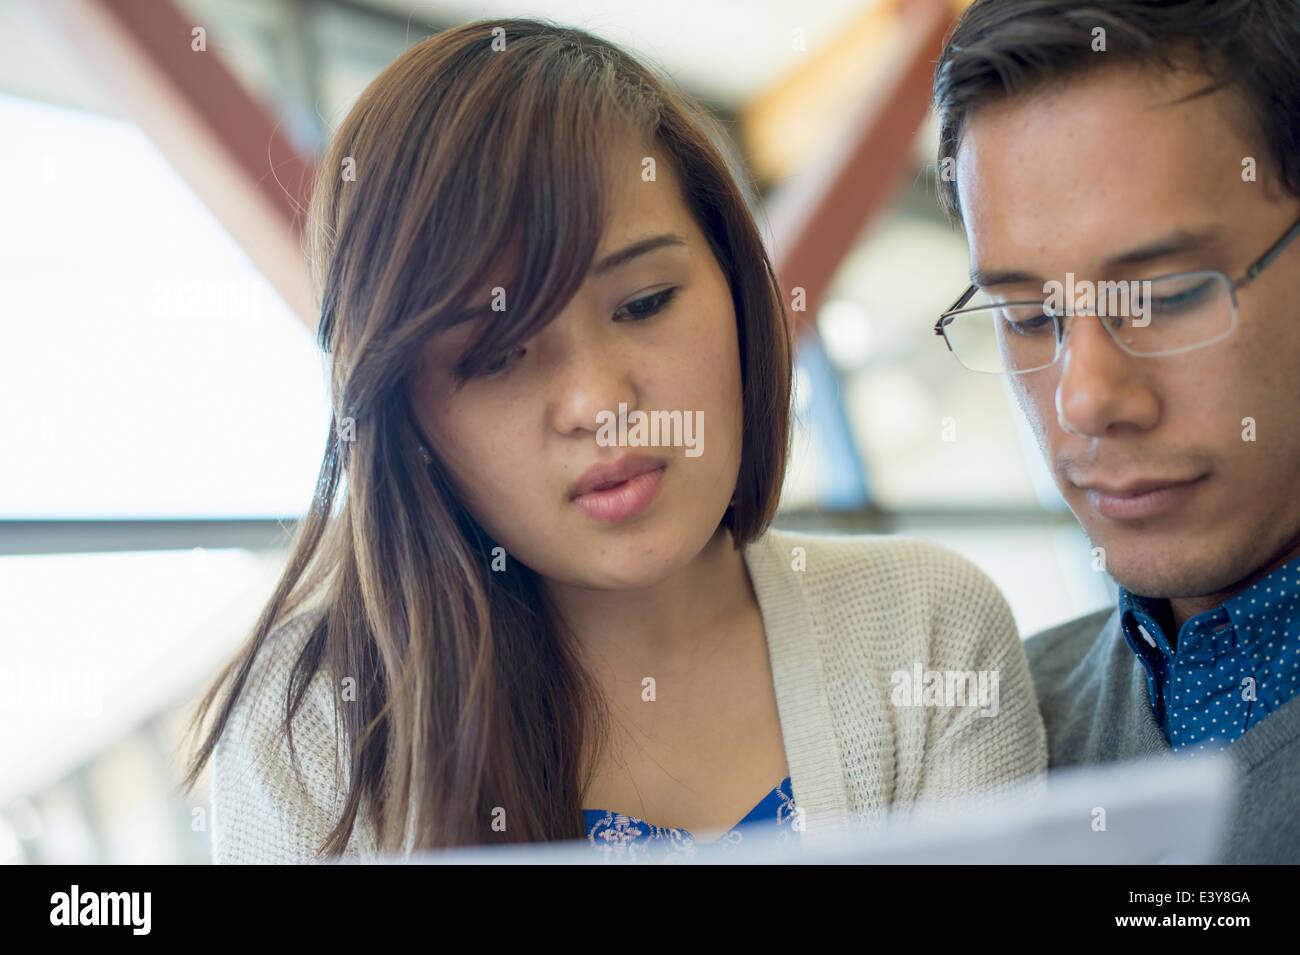 Pareja joven concentrando, Retrato Foto de stock